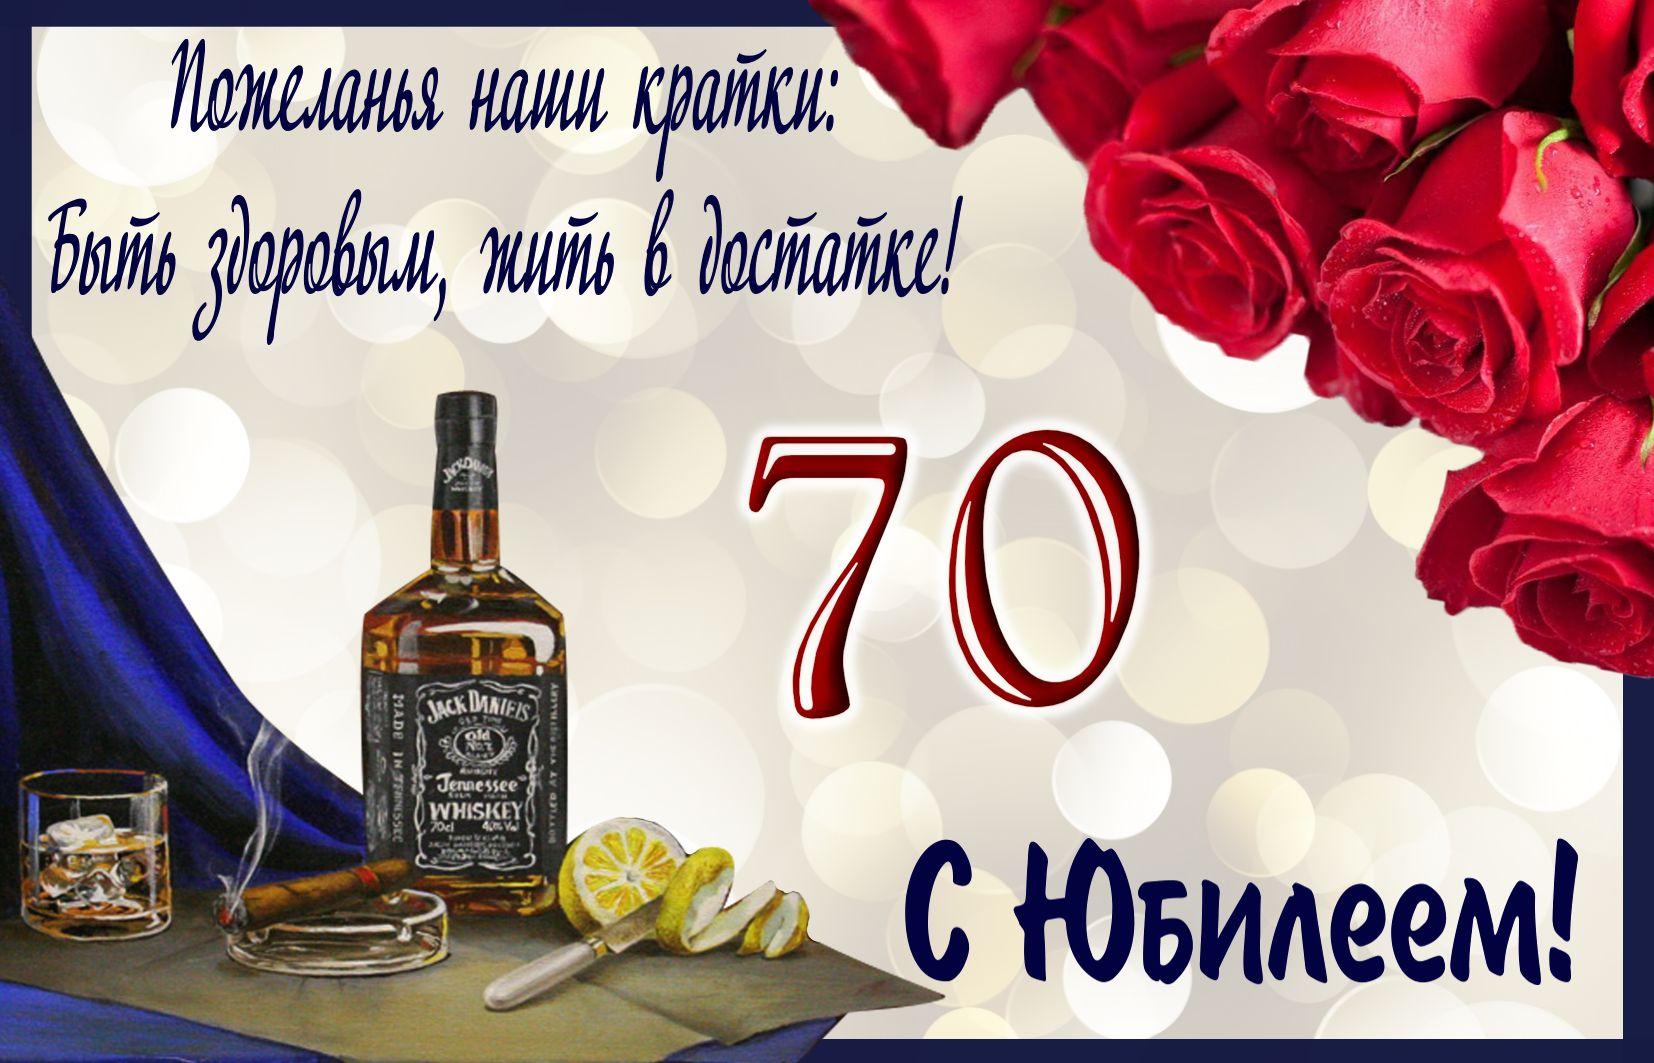 Открытка на юбилей 70 лет - пожелание с розами и бутылкой виски